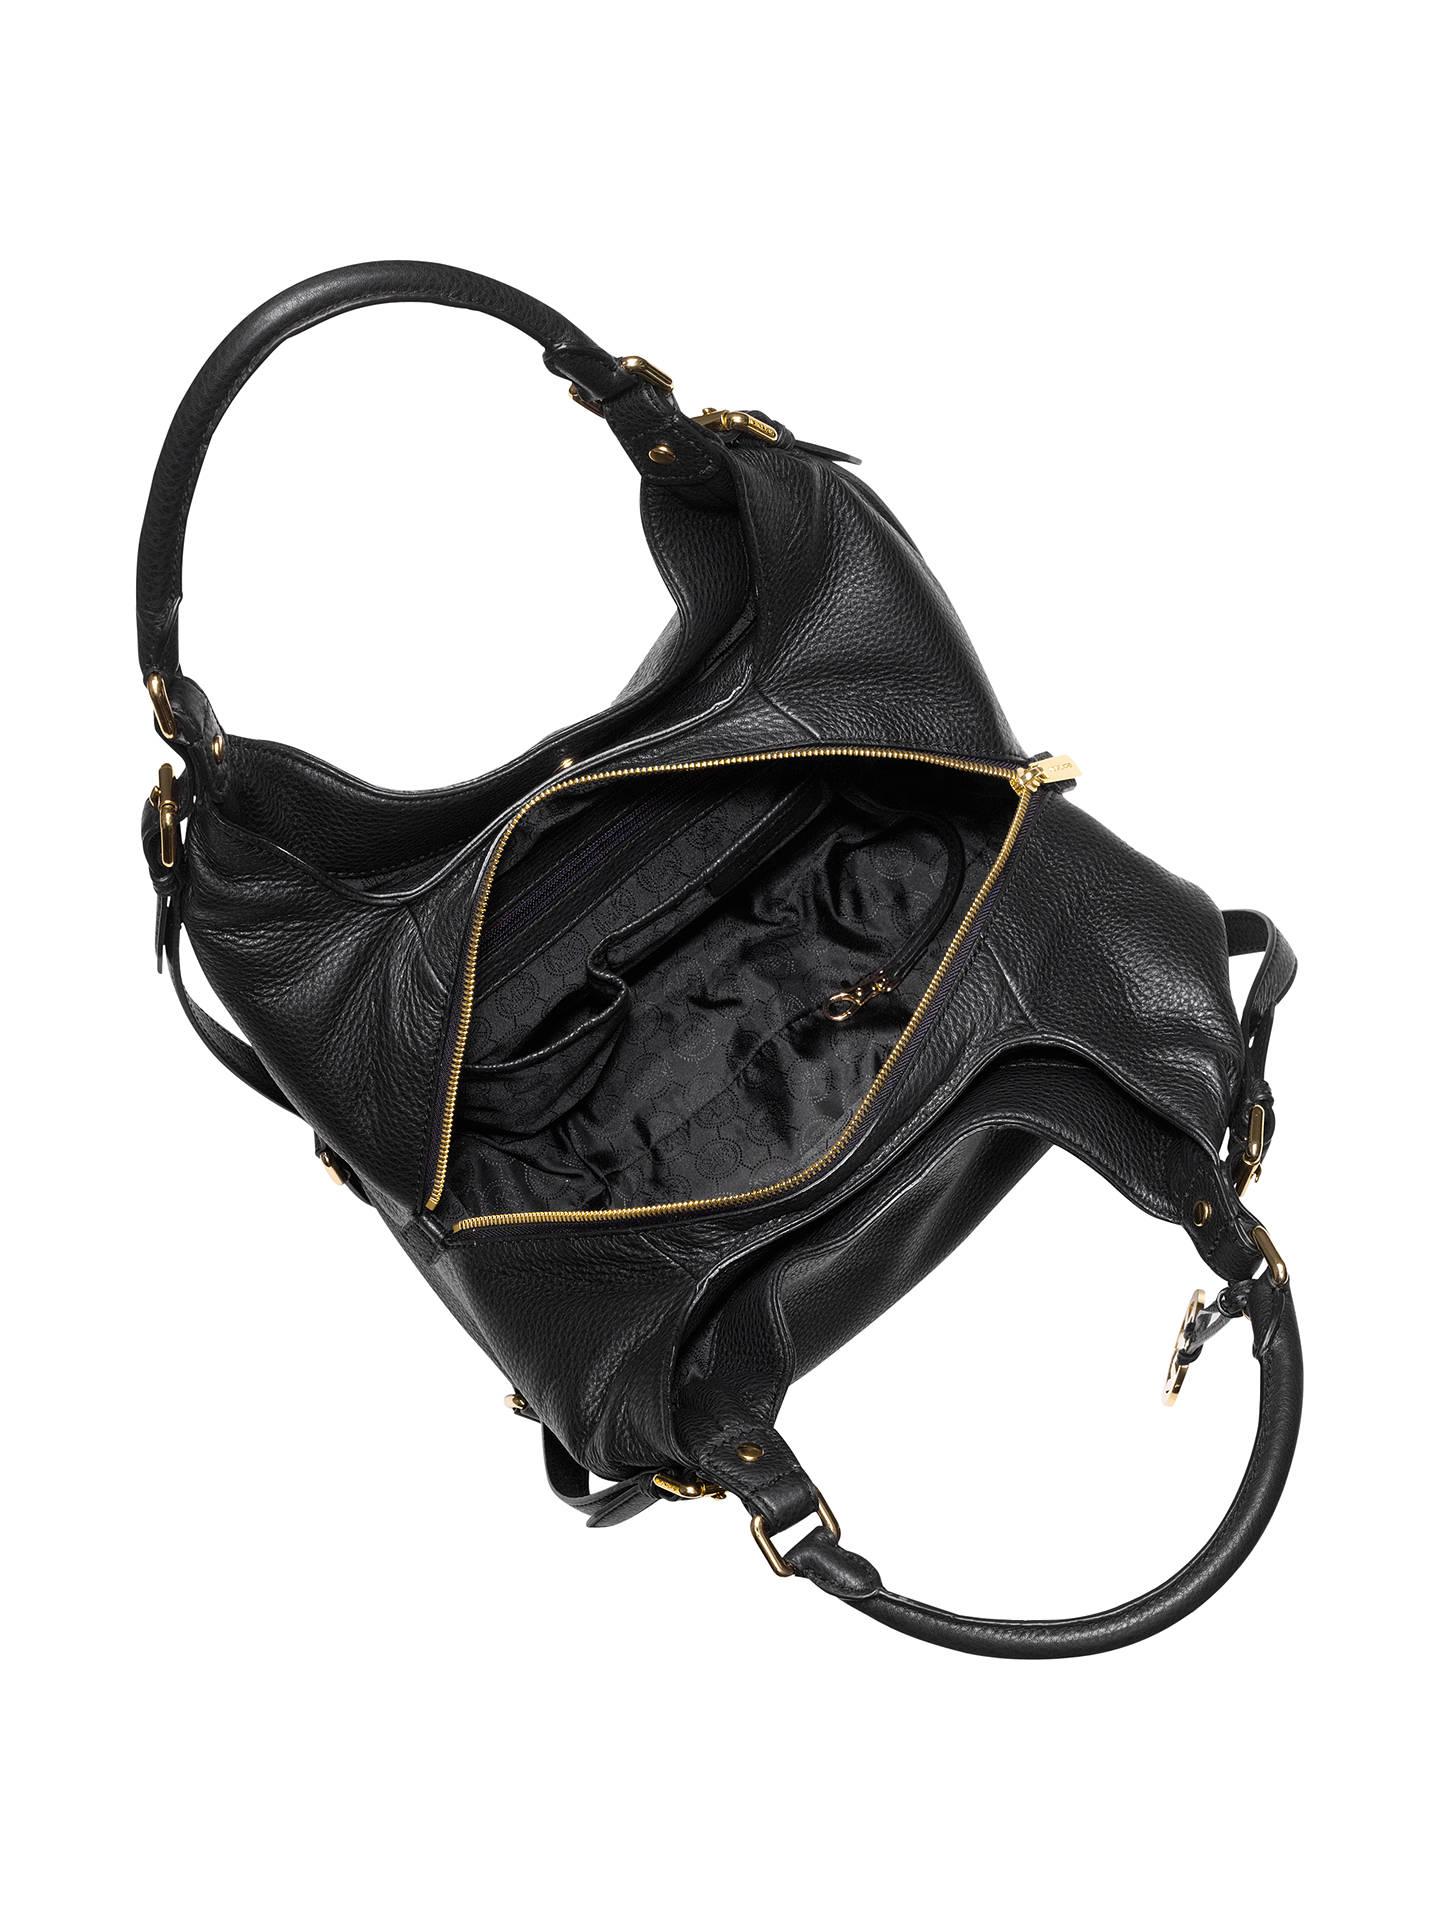 c8ed5d9e8deb Buy MICHAEL Michael Kors Bedford Leather Large Shoulder Tote Bag, Black  Online at johnlewis.